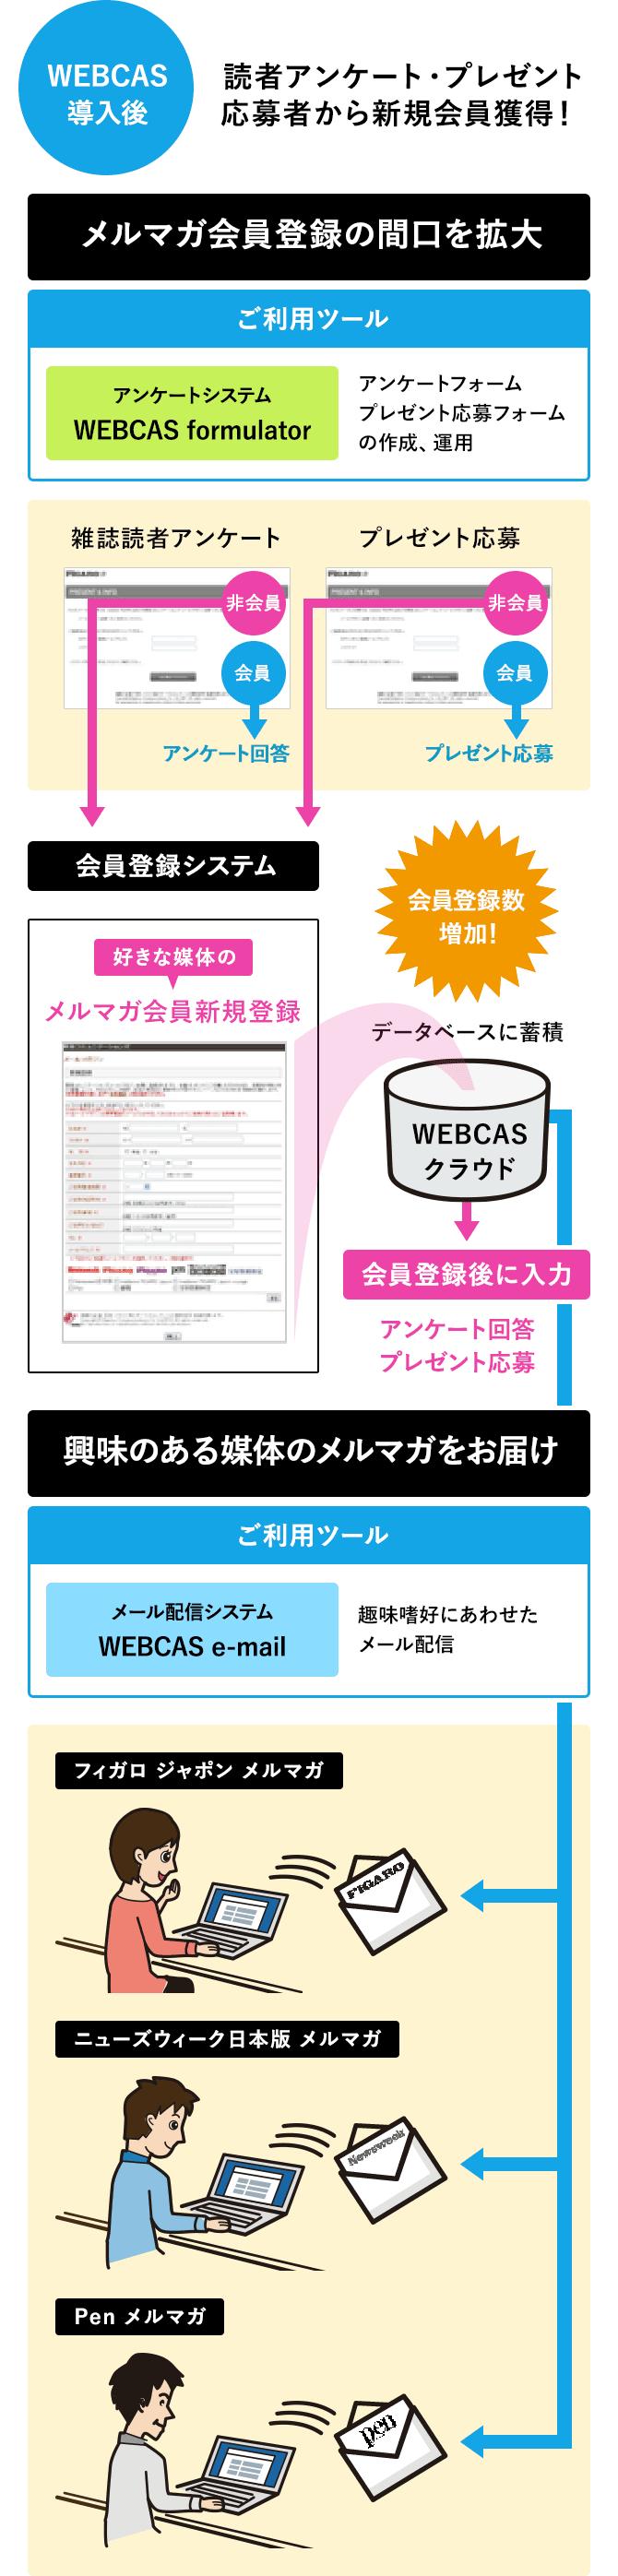 出版・Webメディア運営の阪急コミュニケーションズ様は、プレゼントキャンペーンの応募をメルマガ会員登録必須にするためにWEBCASを導入、その結果、メルマガ会員増加率が以前の40%向上しました。 それに加え、キャンペーン応募フォームは外注に委託していたところ、その運用は全て自社の担当者様が「WEBCAS formulator」で簡単に行えるようになりました。担当者様には、「メルマガ会員増加率向上と、コスト削減を同時に実現できた」と喜びの言葉をいただいております。